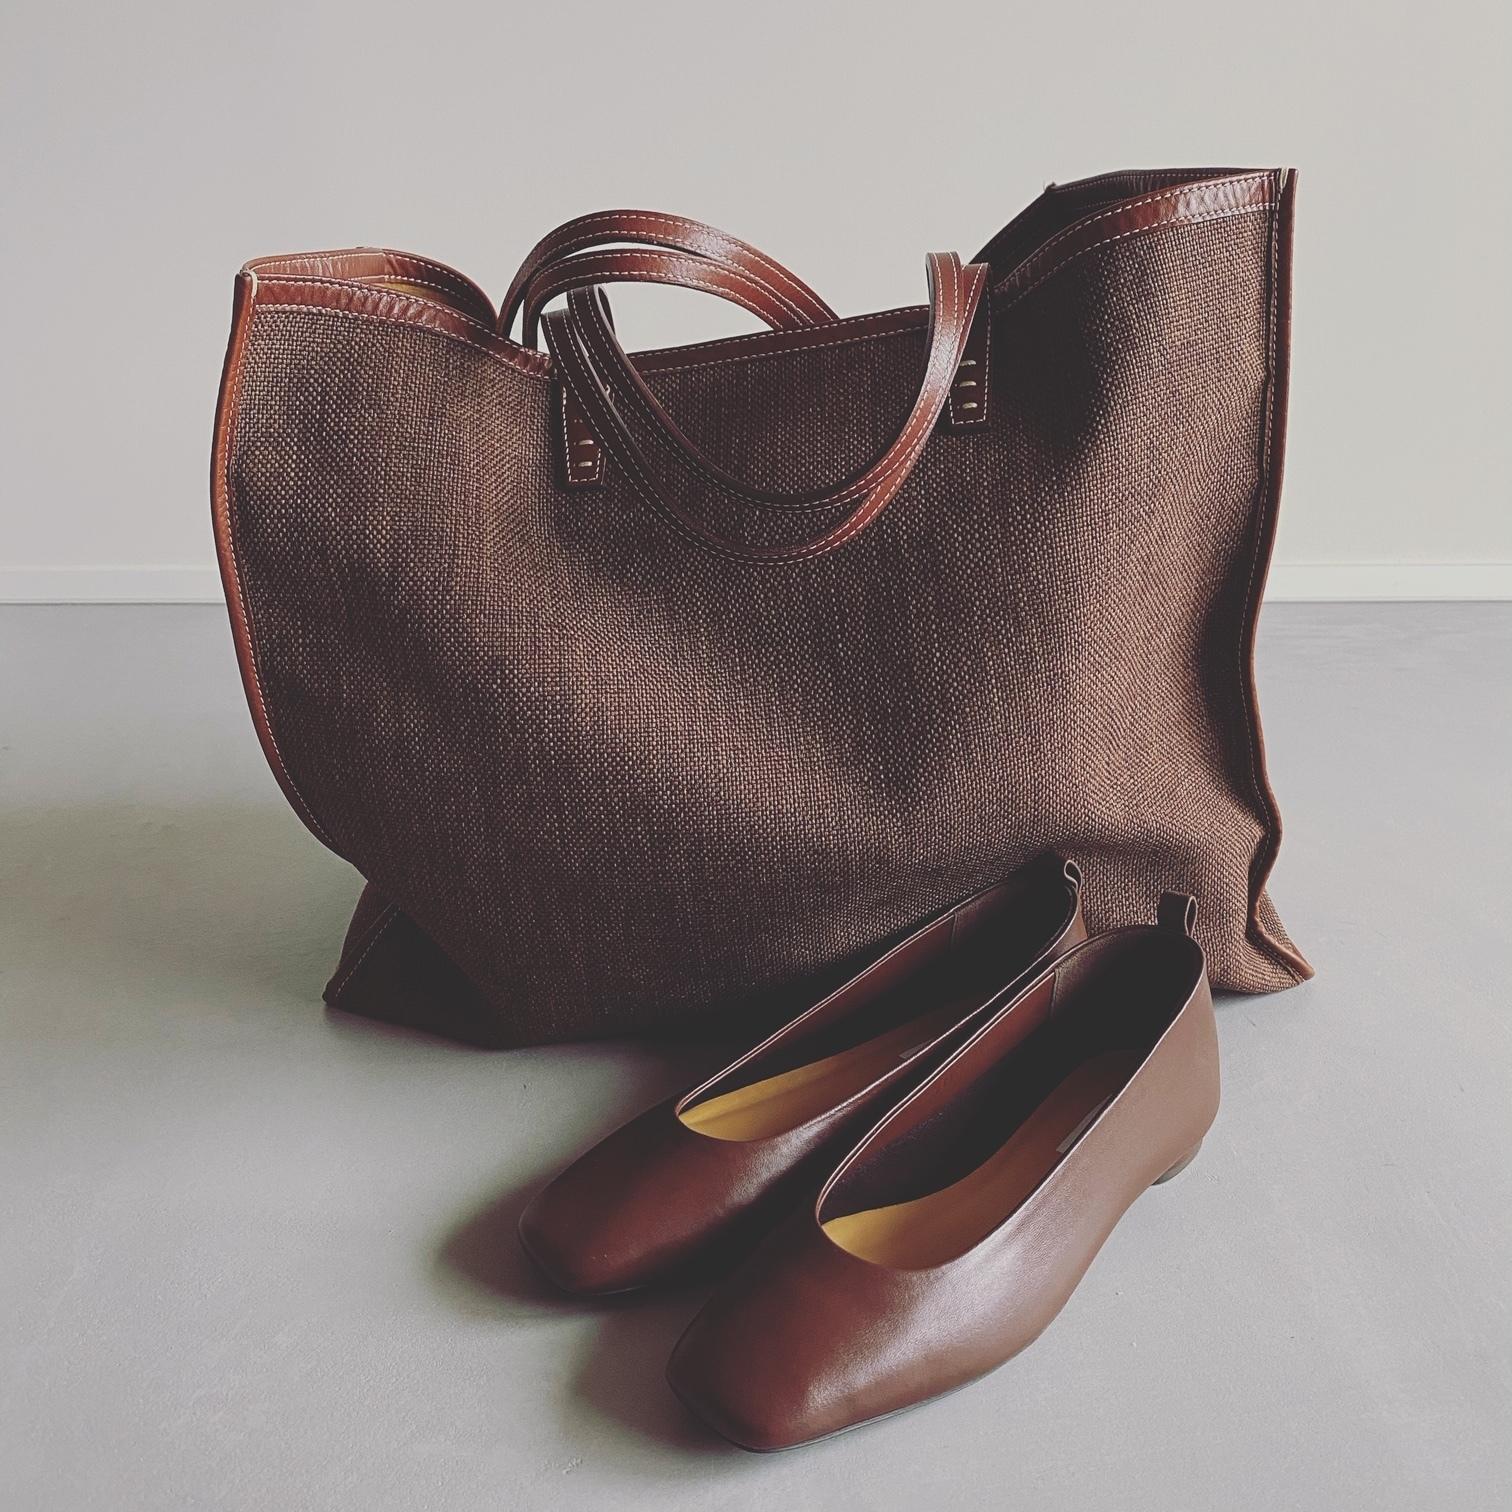 バッグ/A VACATION 靴/UNITED ARROWS